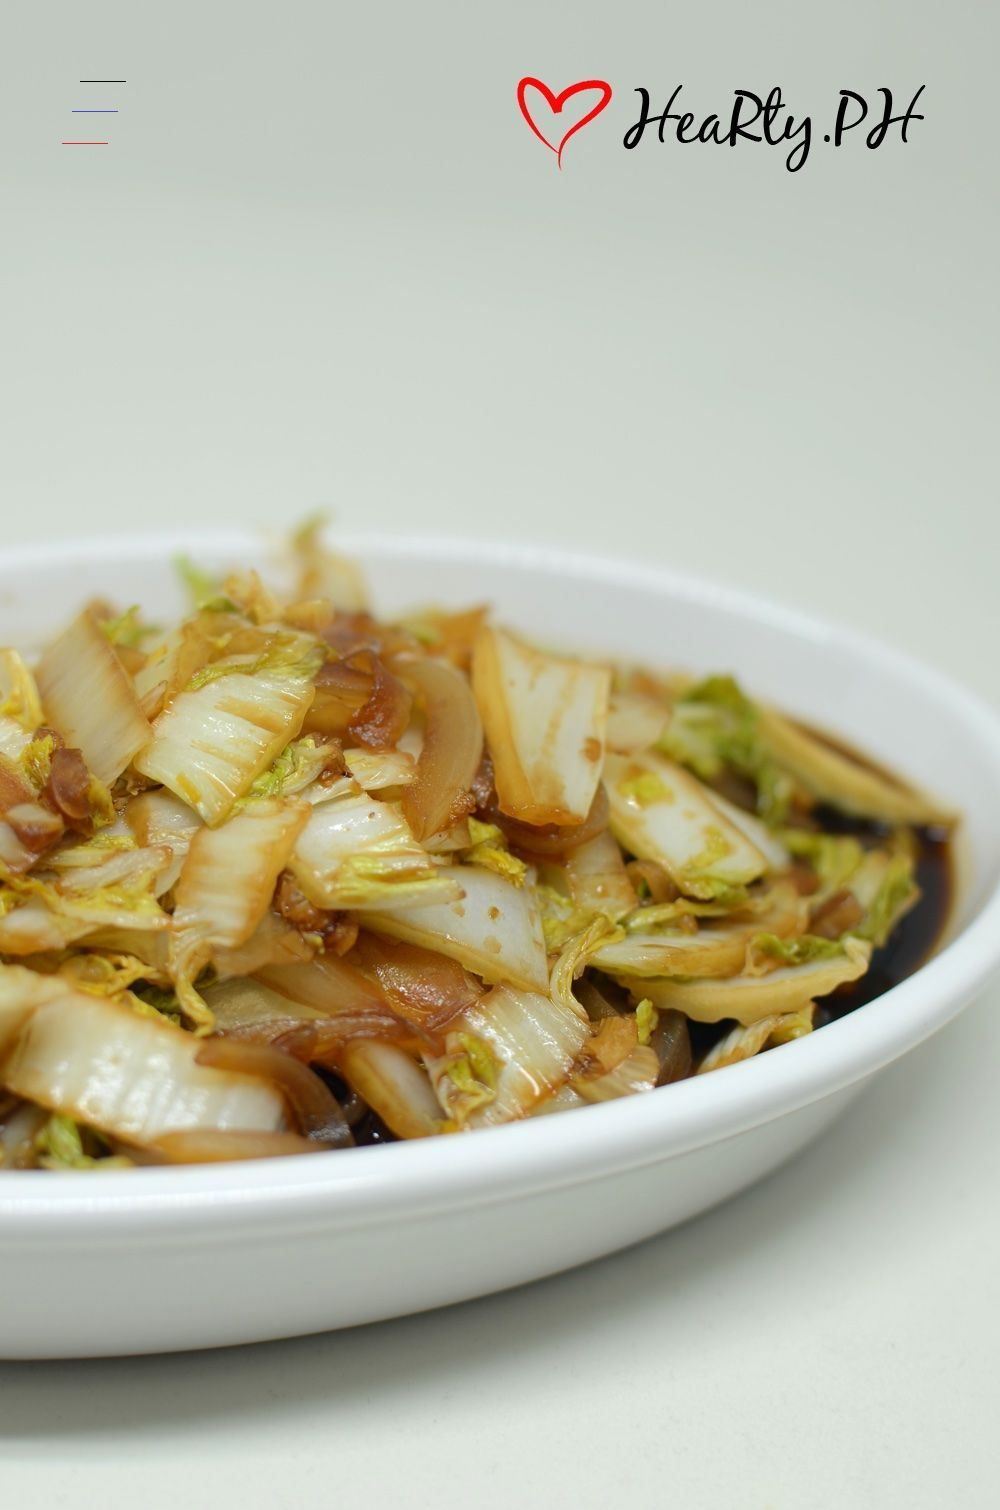 Stir Fry Napa Cabbage Hearty Ph Cabbagestirfry Inspired By Food Network En 2020 Recetas De Col Rellena Repollo Repollo De Napa